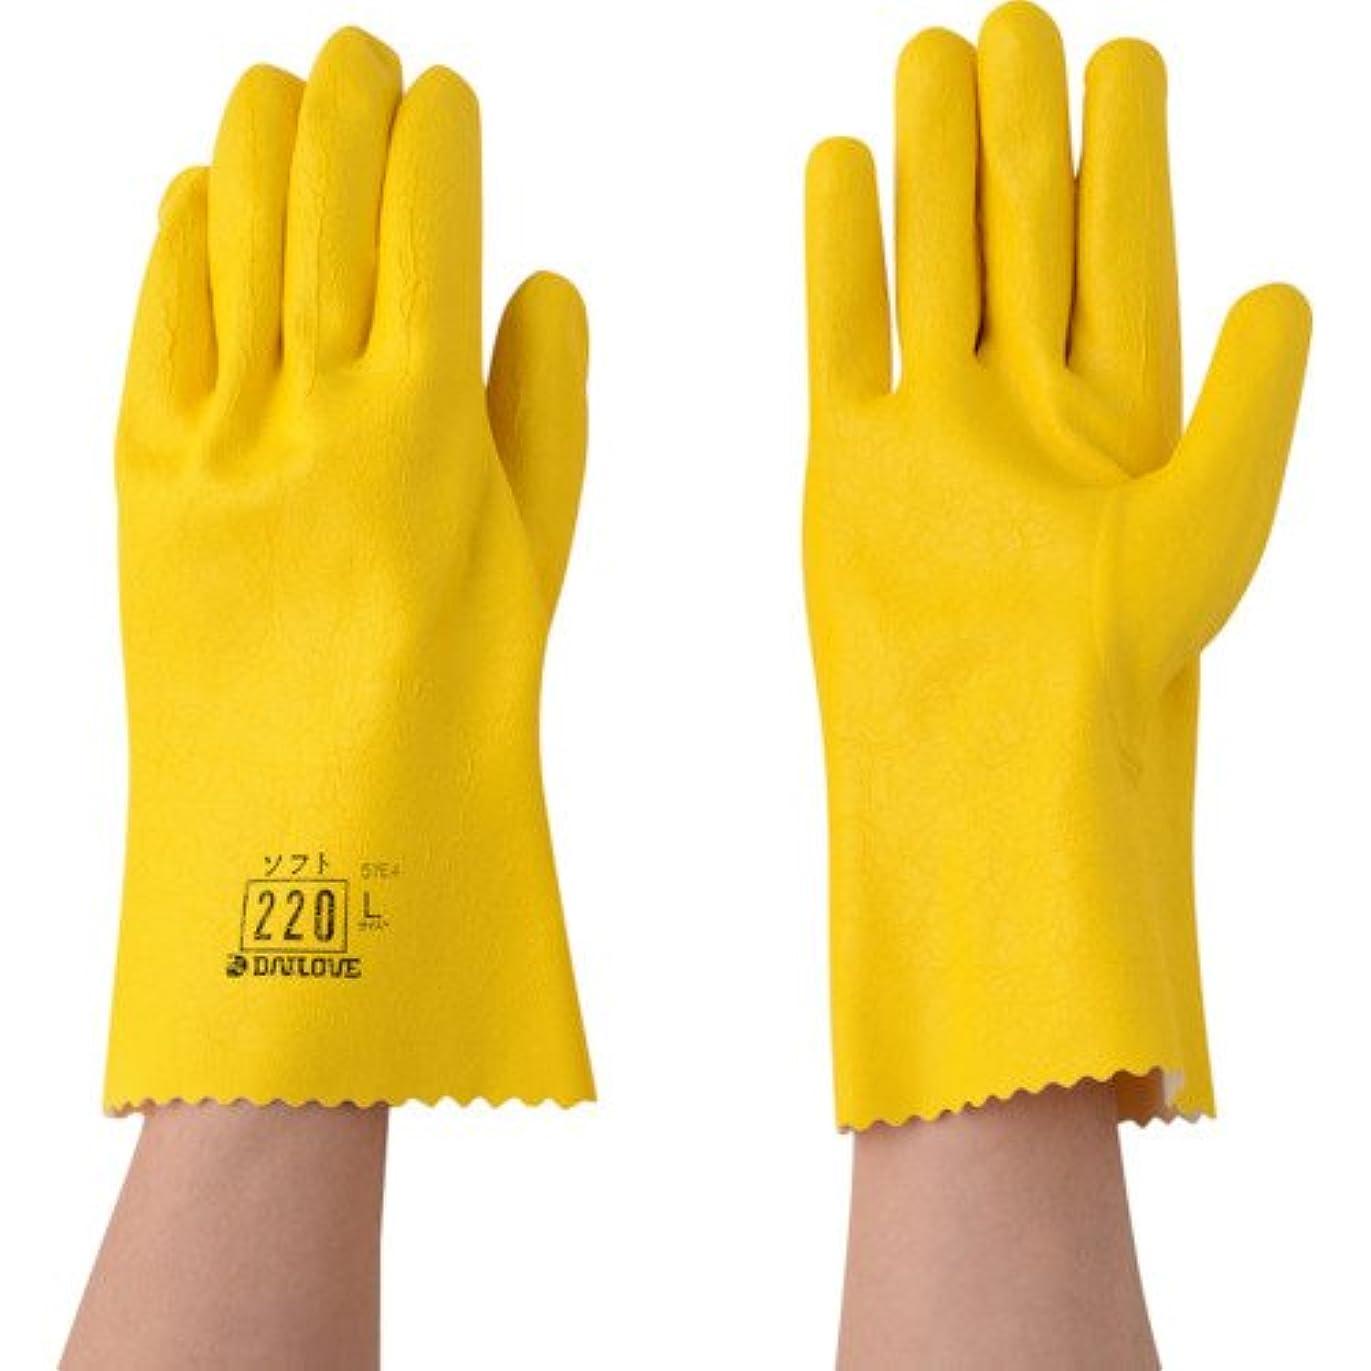 招待規則性圧力ダイヤゴム ダイローブ手袋 #220 Lサイズ 1双袋入